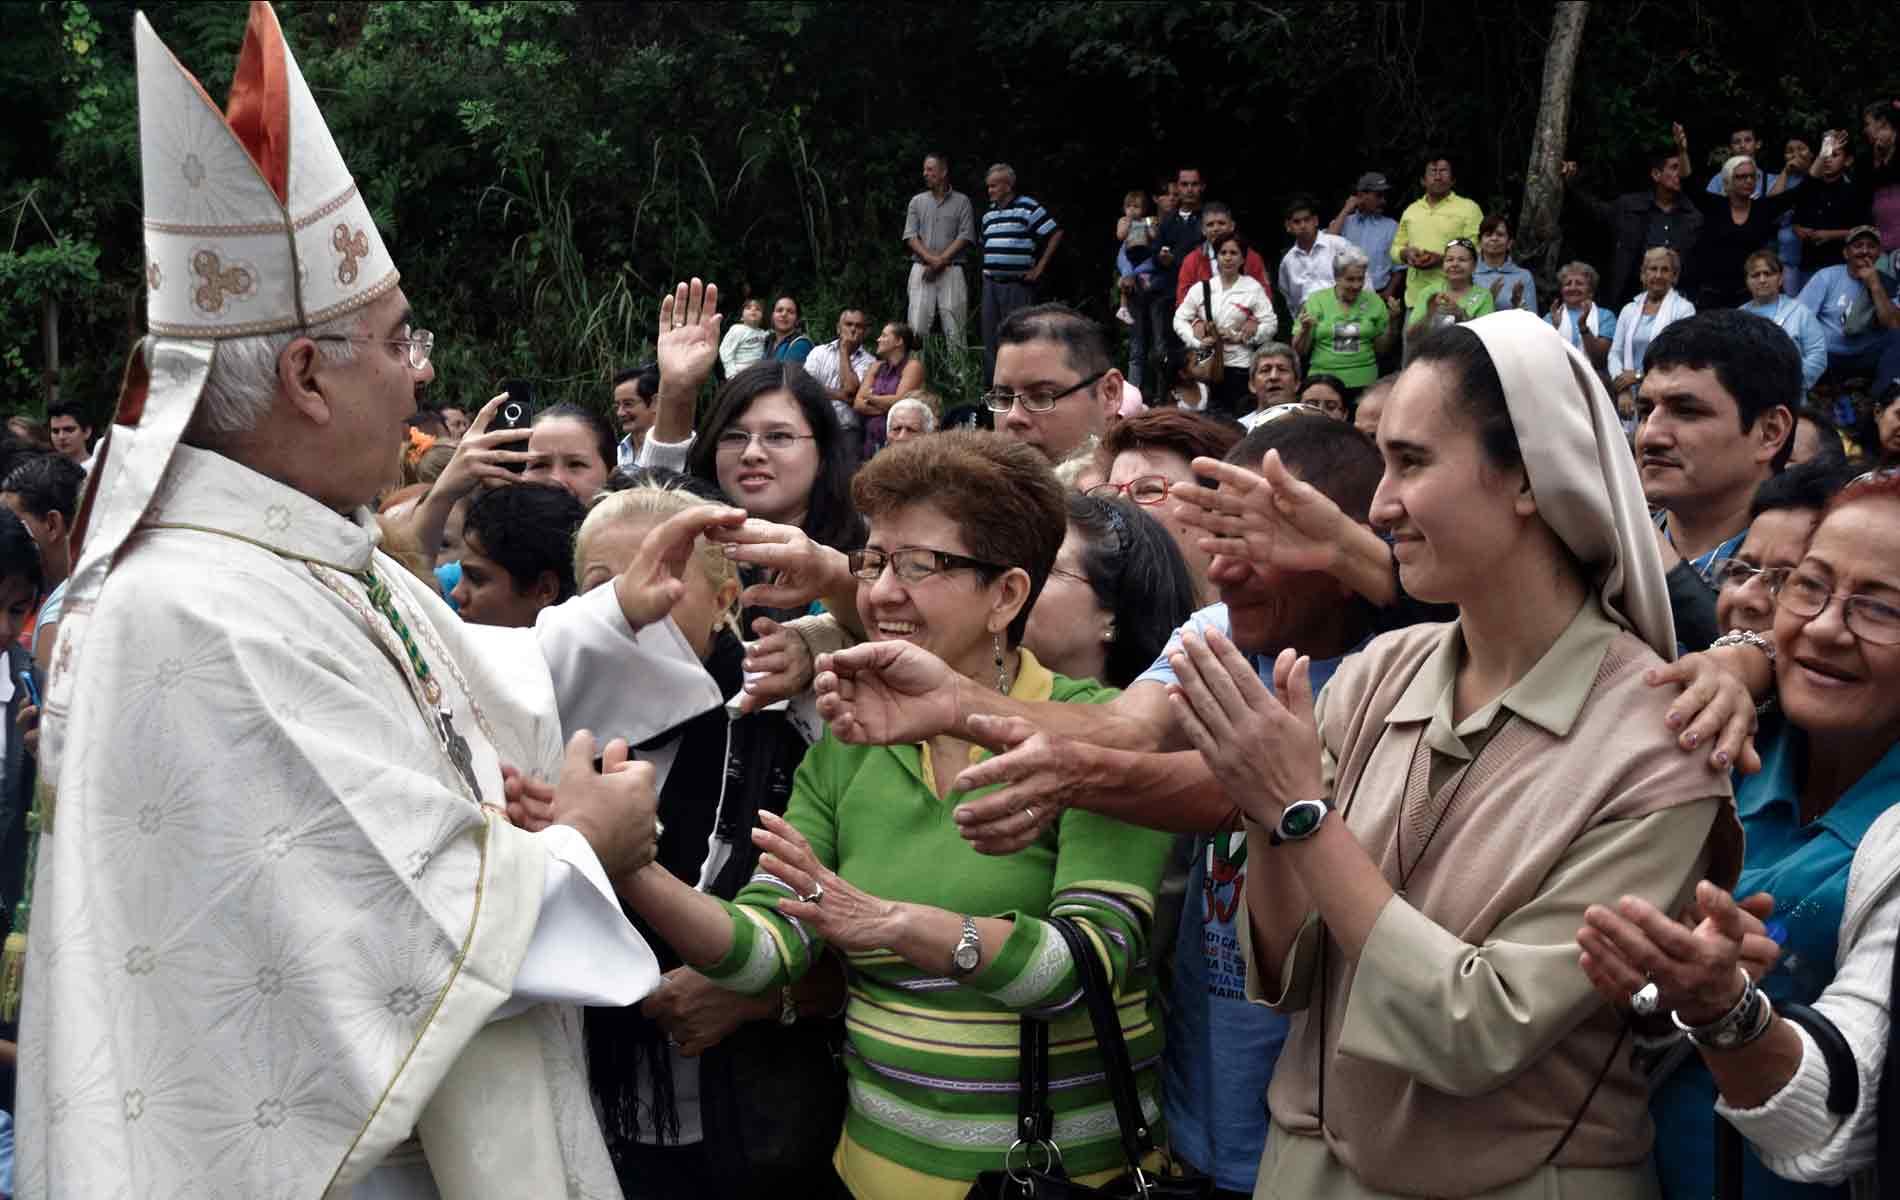 Bispos venezuelanos visitam Papa em encontro ad limina